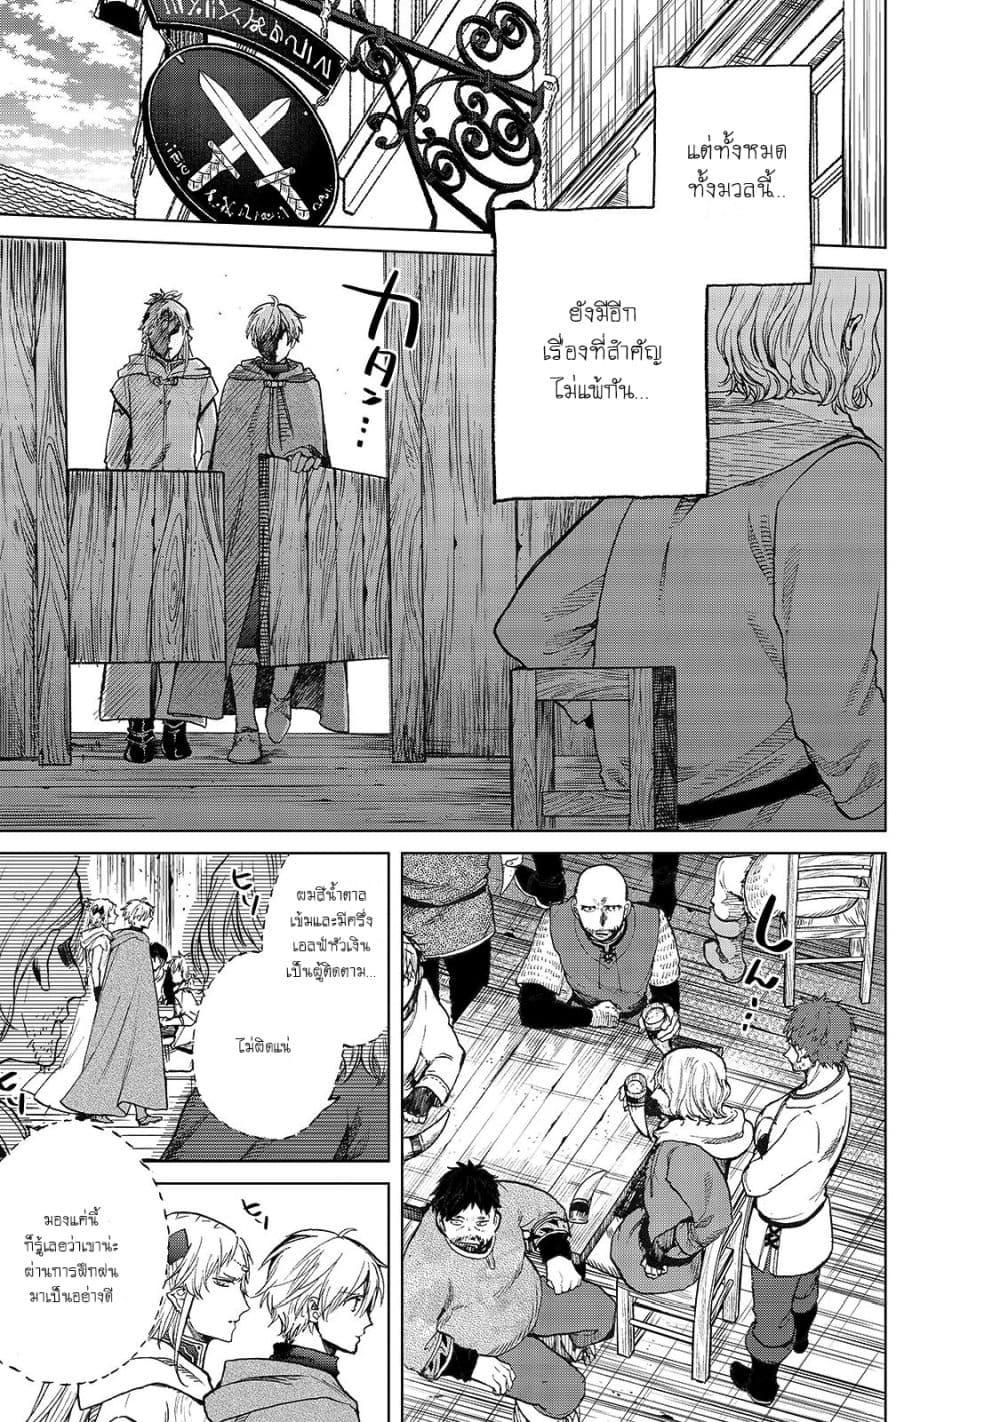 อ่านการ์ตูน Saihate no Paladin ตอนที่ 22 หน้าที่ 23